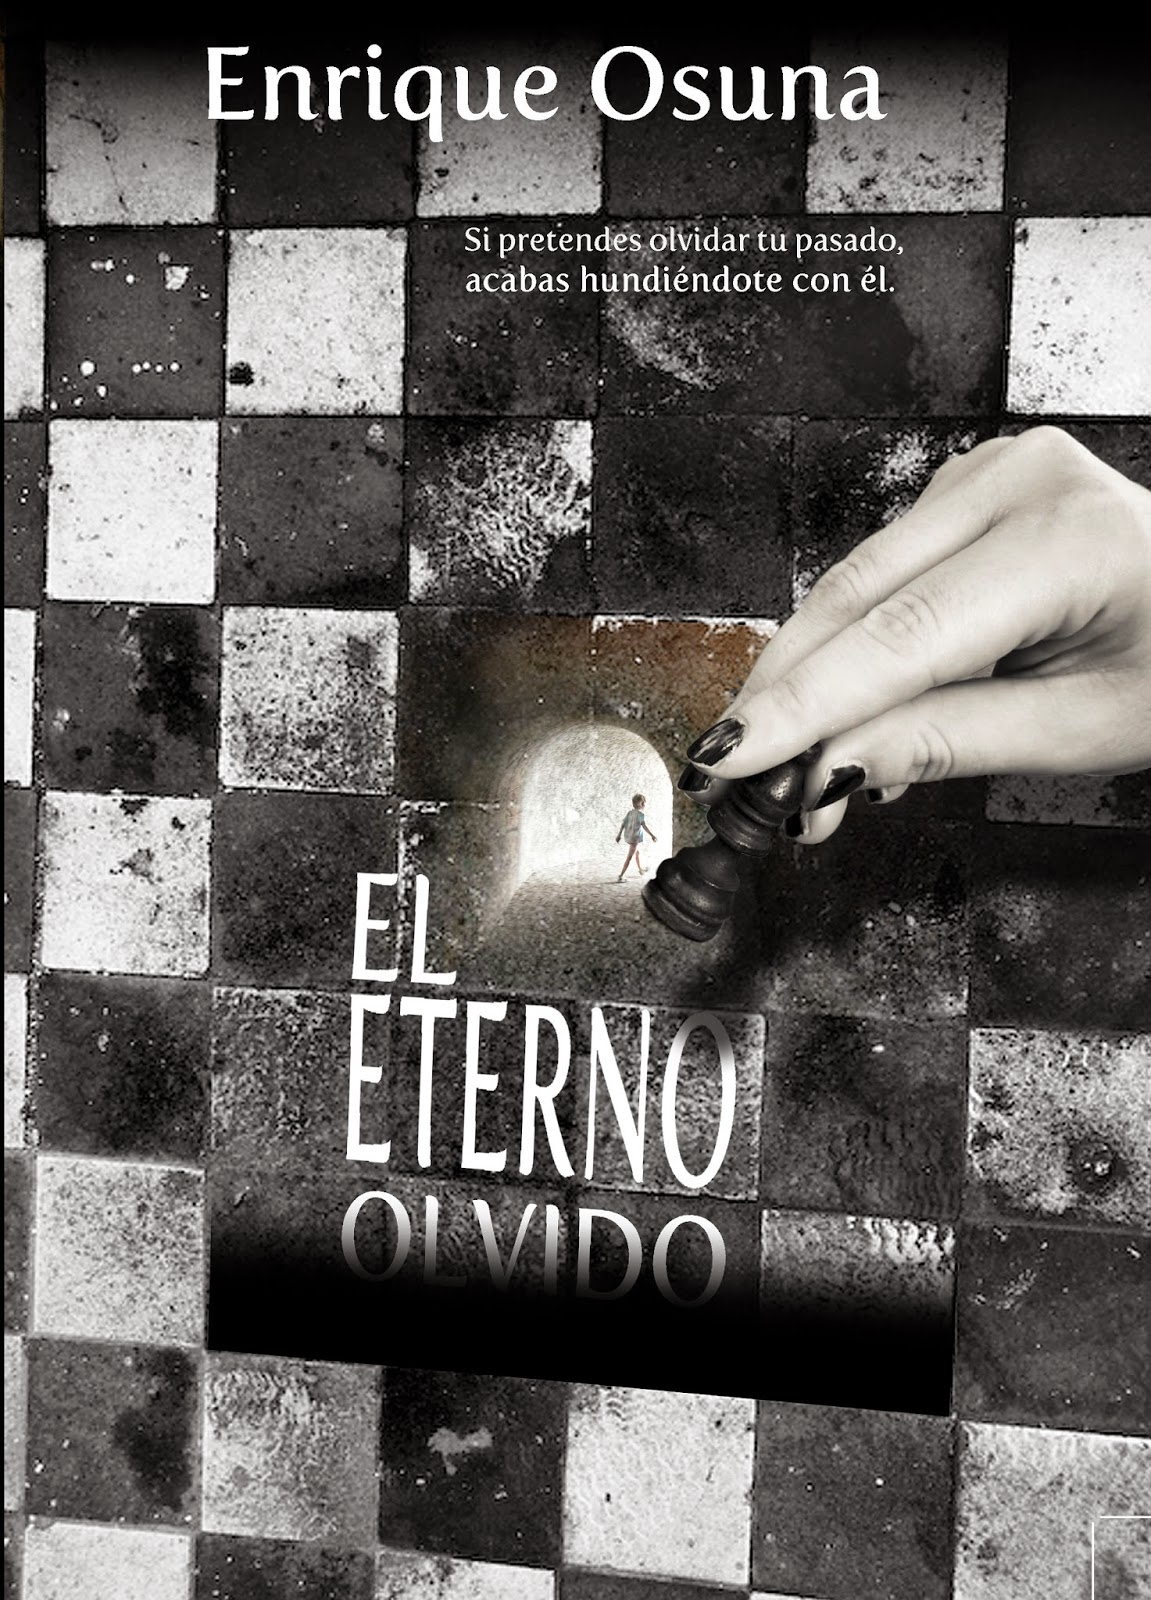 El eterno olvido de Enrique Osuna